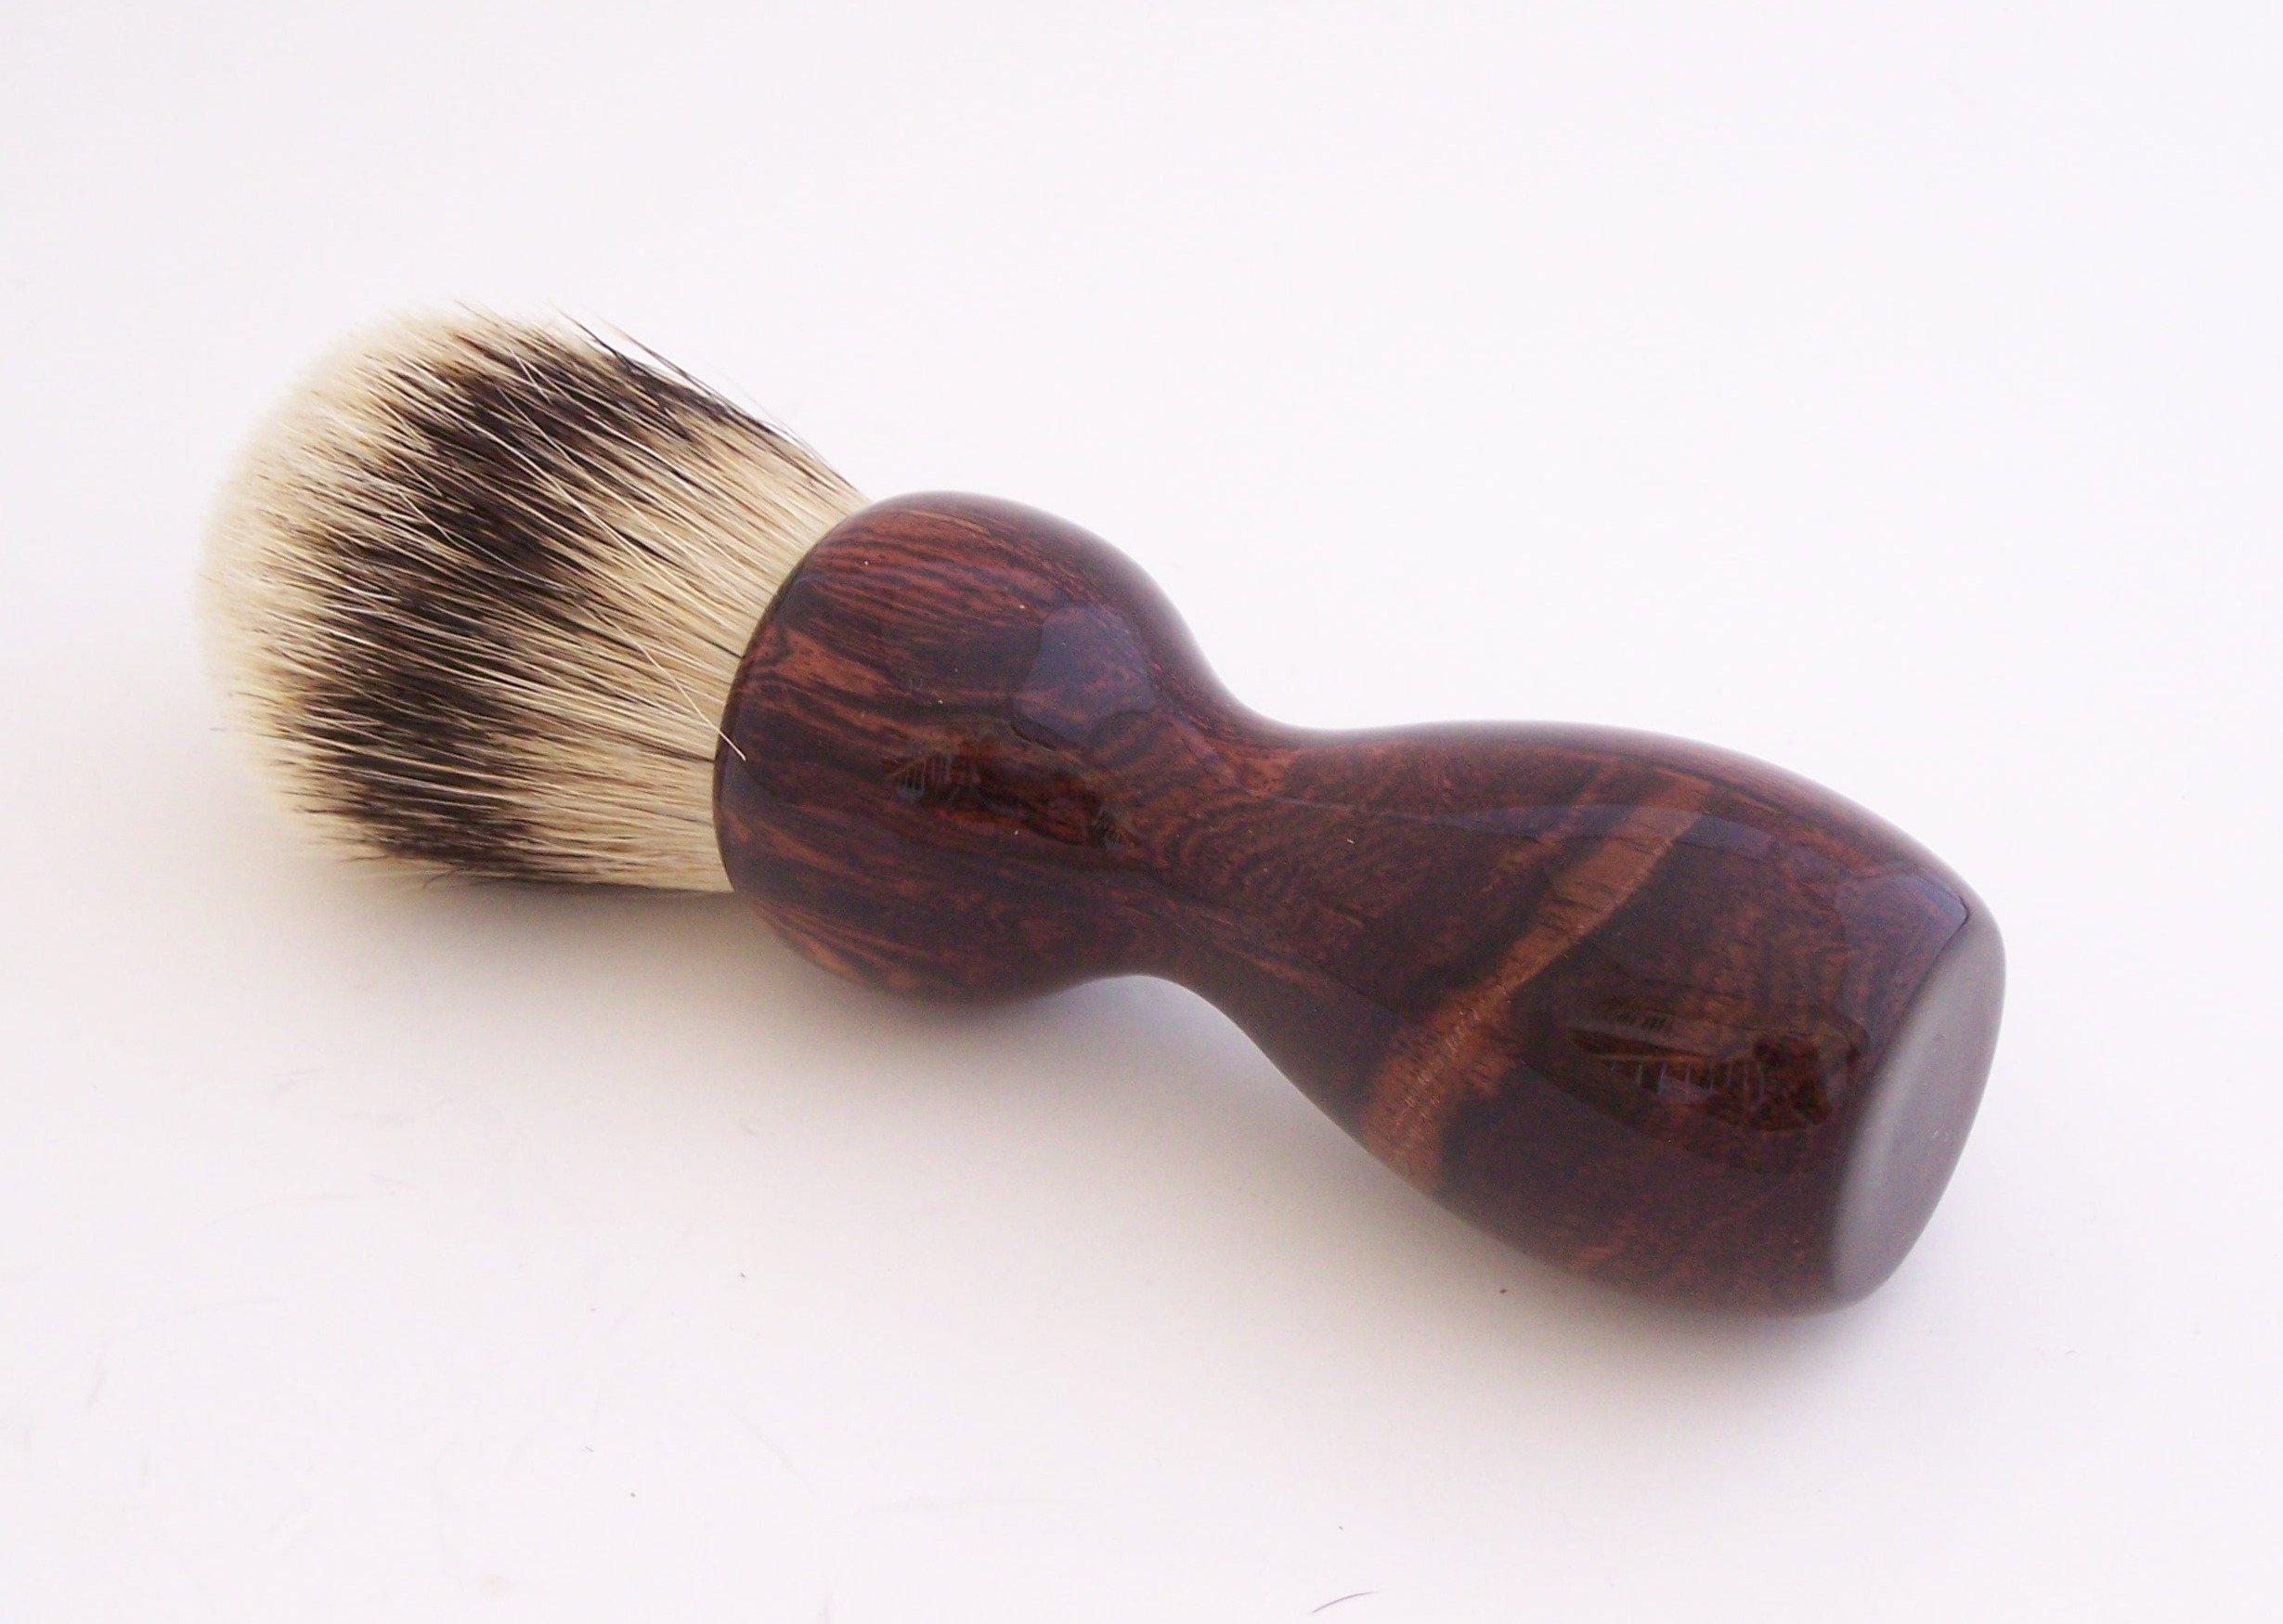 Camatillo Rosewood 24mm Super Silvertip Shaving Brush (C1)